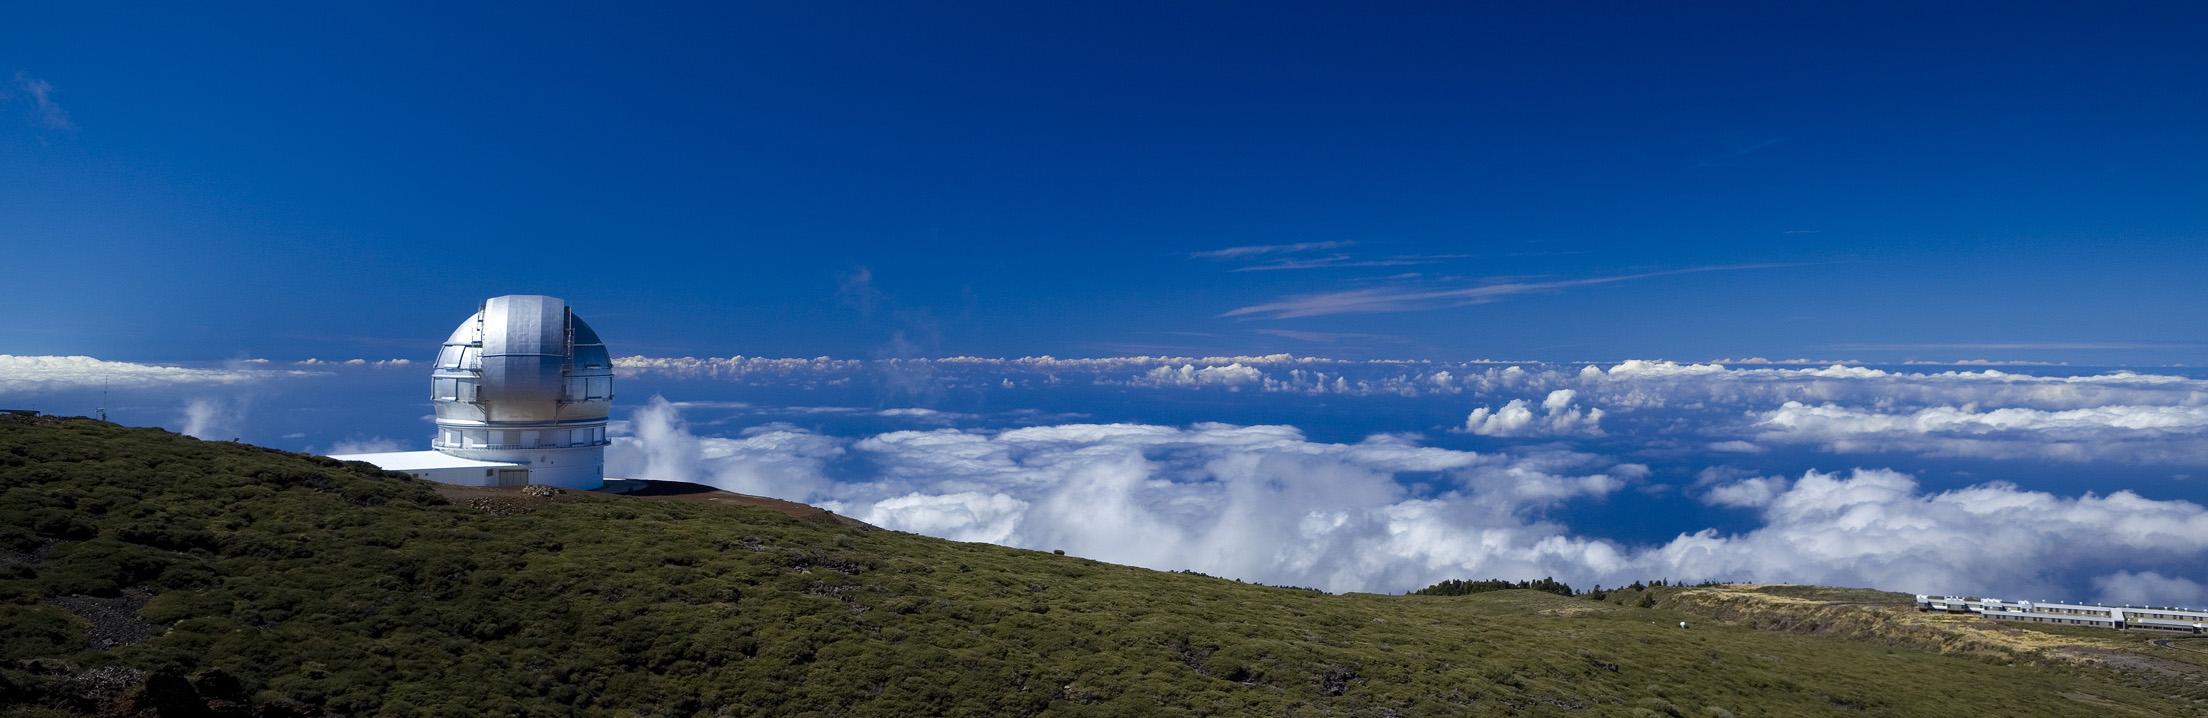 Roque de los Muchachos med et af observatorierne